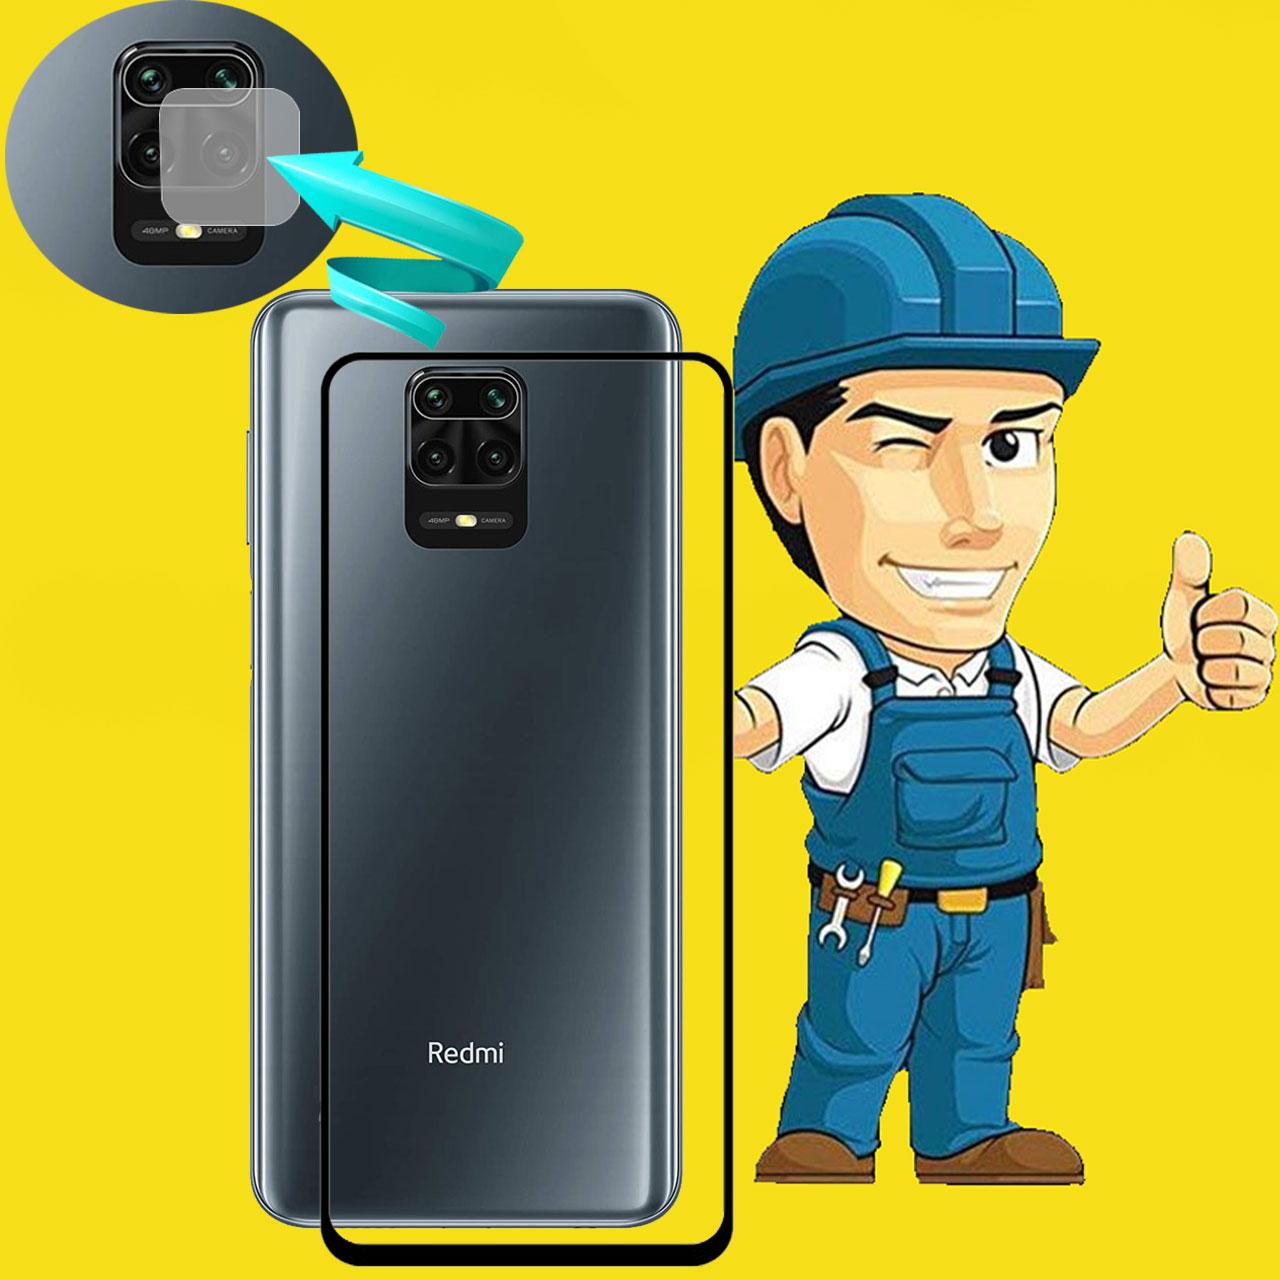 محافظ صفحه نمايش مدل FLGSP مناسب برای گوشی موبایل شیائومی Redmi Note 9 Pro به همراه محافظ لنز دوربین